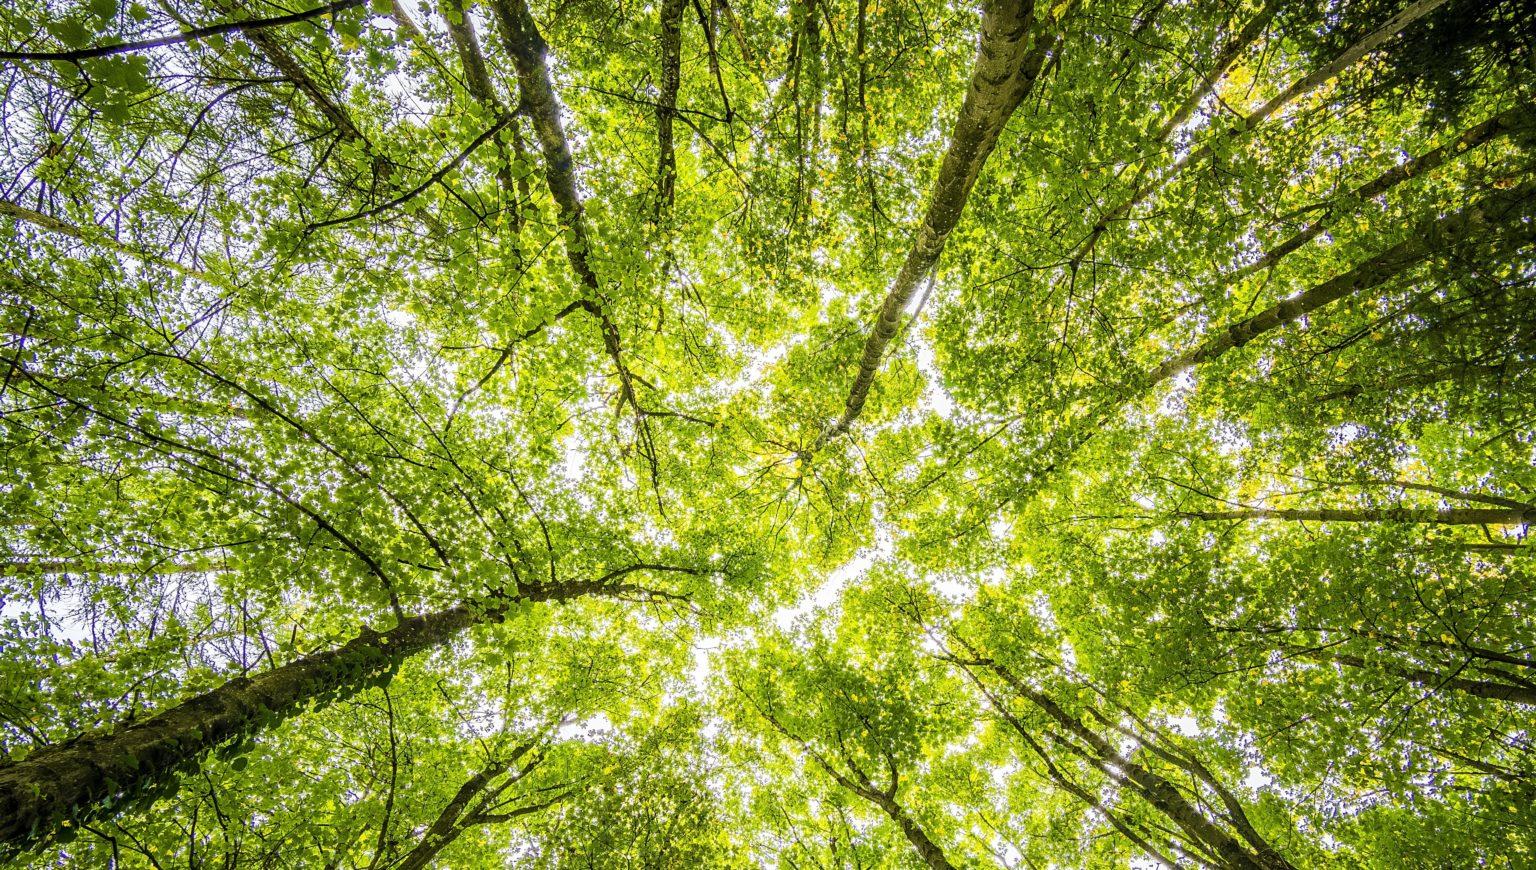 Riunione Gruppo Imprese del Verde - Lecco 17 marzo 2020 RINVIATO